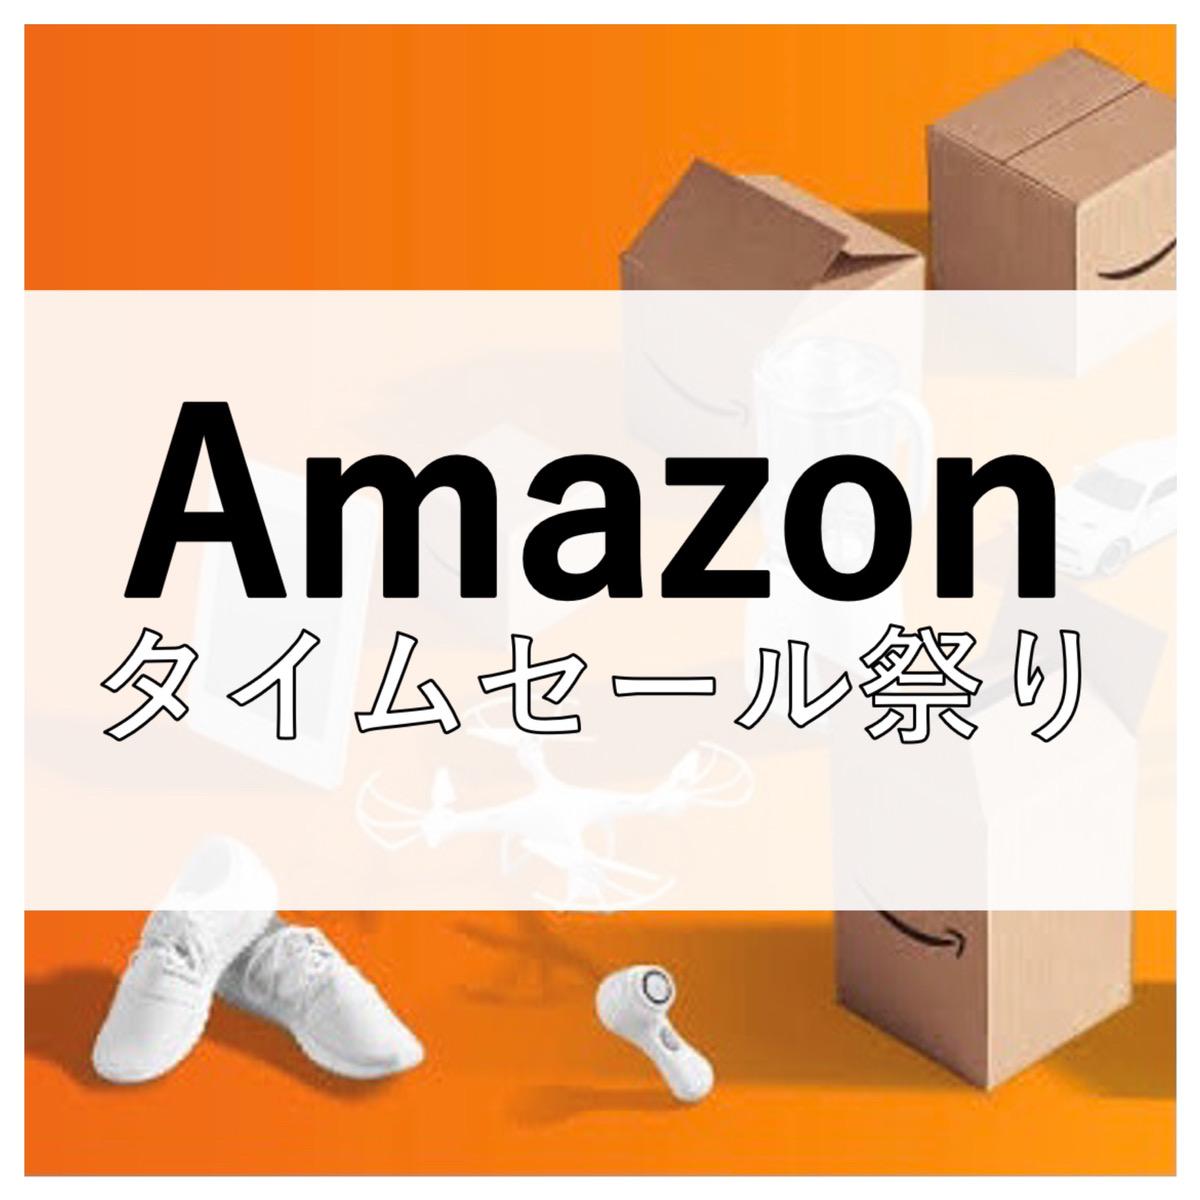 【Amazonタイムセール祭り】2021年次回の開催はいつ?おすすめ目玉商品からポイントアップ法まで詳しくお届け